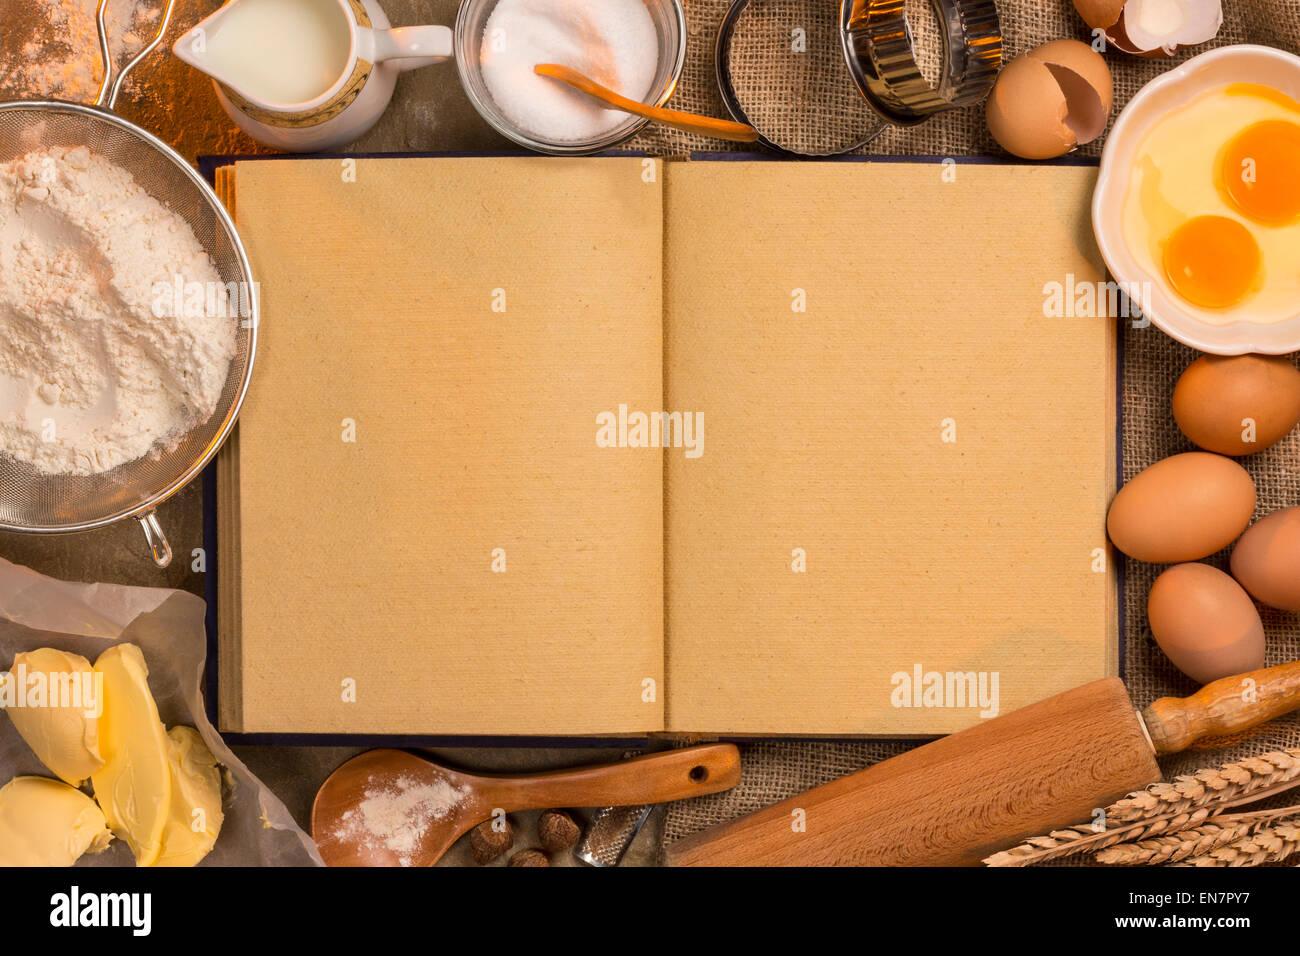 Livre blanc de l'espace (pages de texte) avec ingrédients et ustensiles. Photo Stock